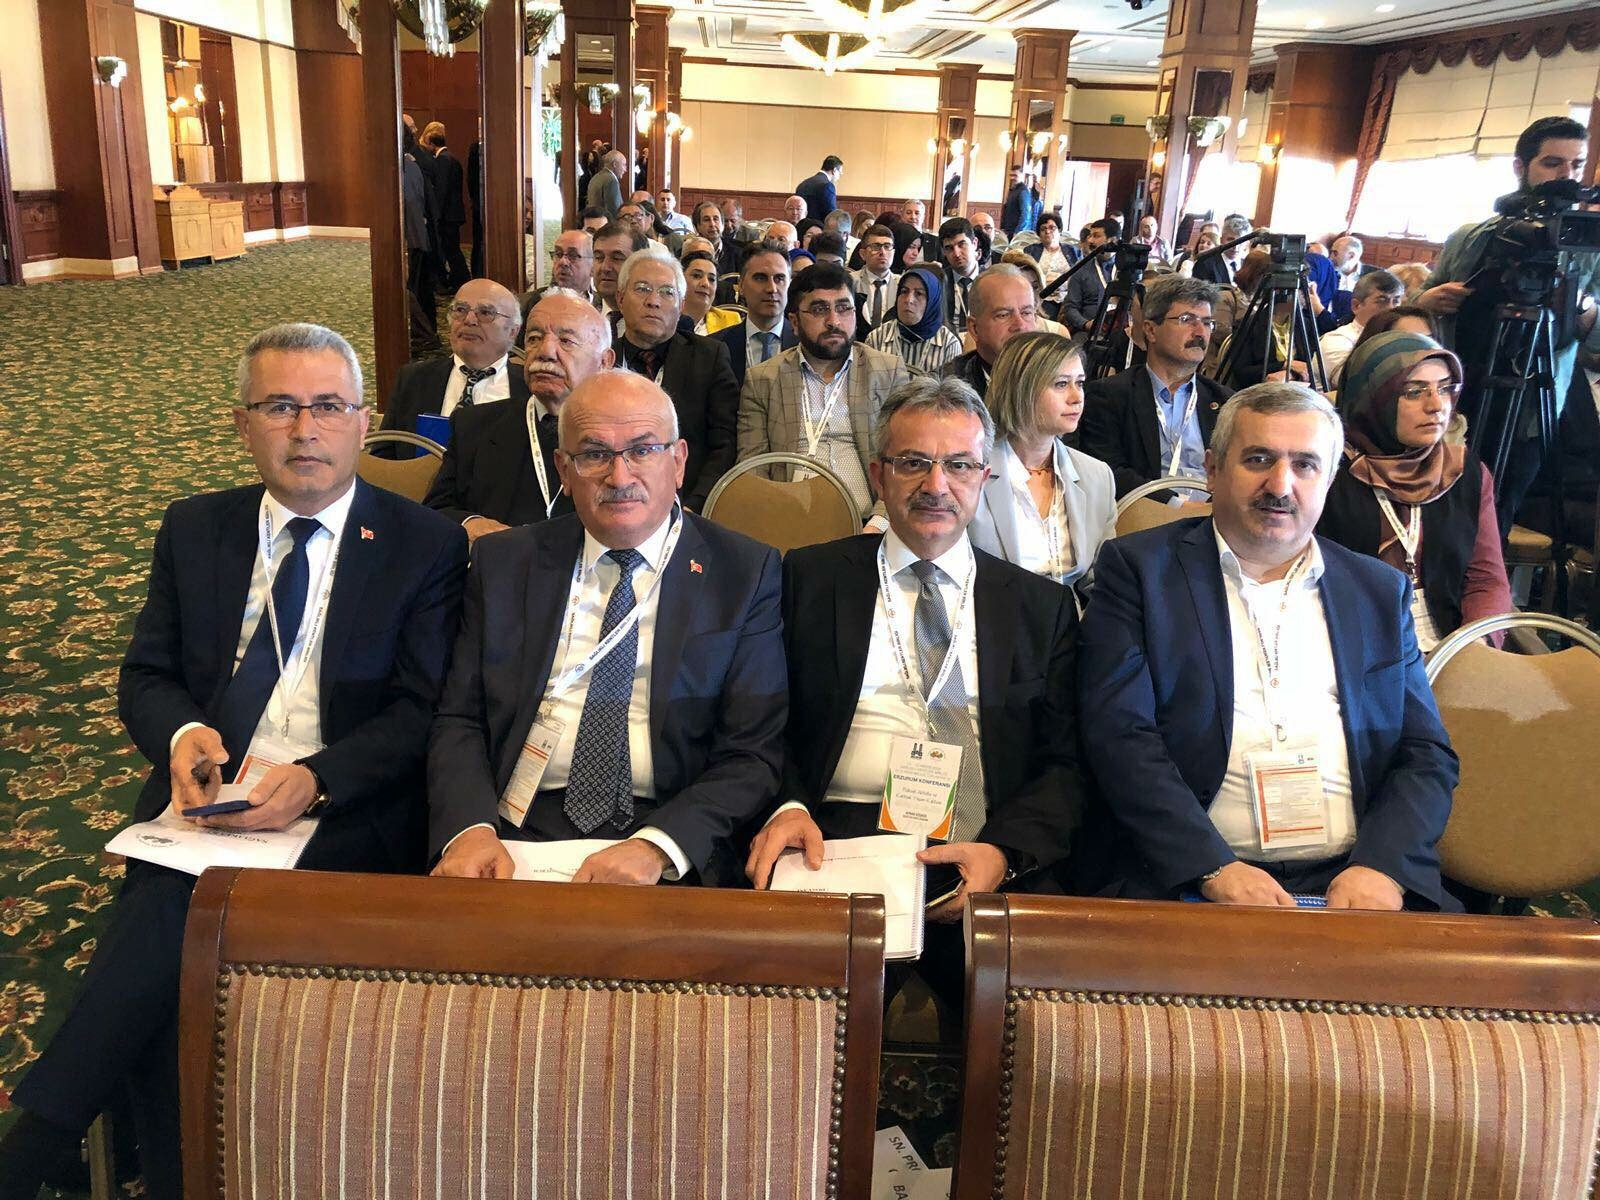 Köşker Sağlıklı Kentler Birliği Toplantısına Katıldı